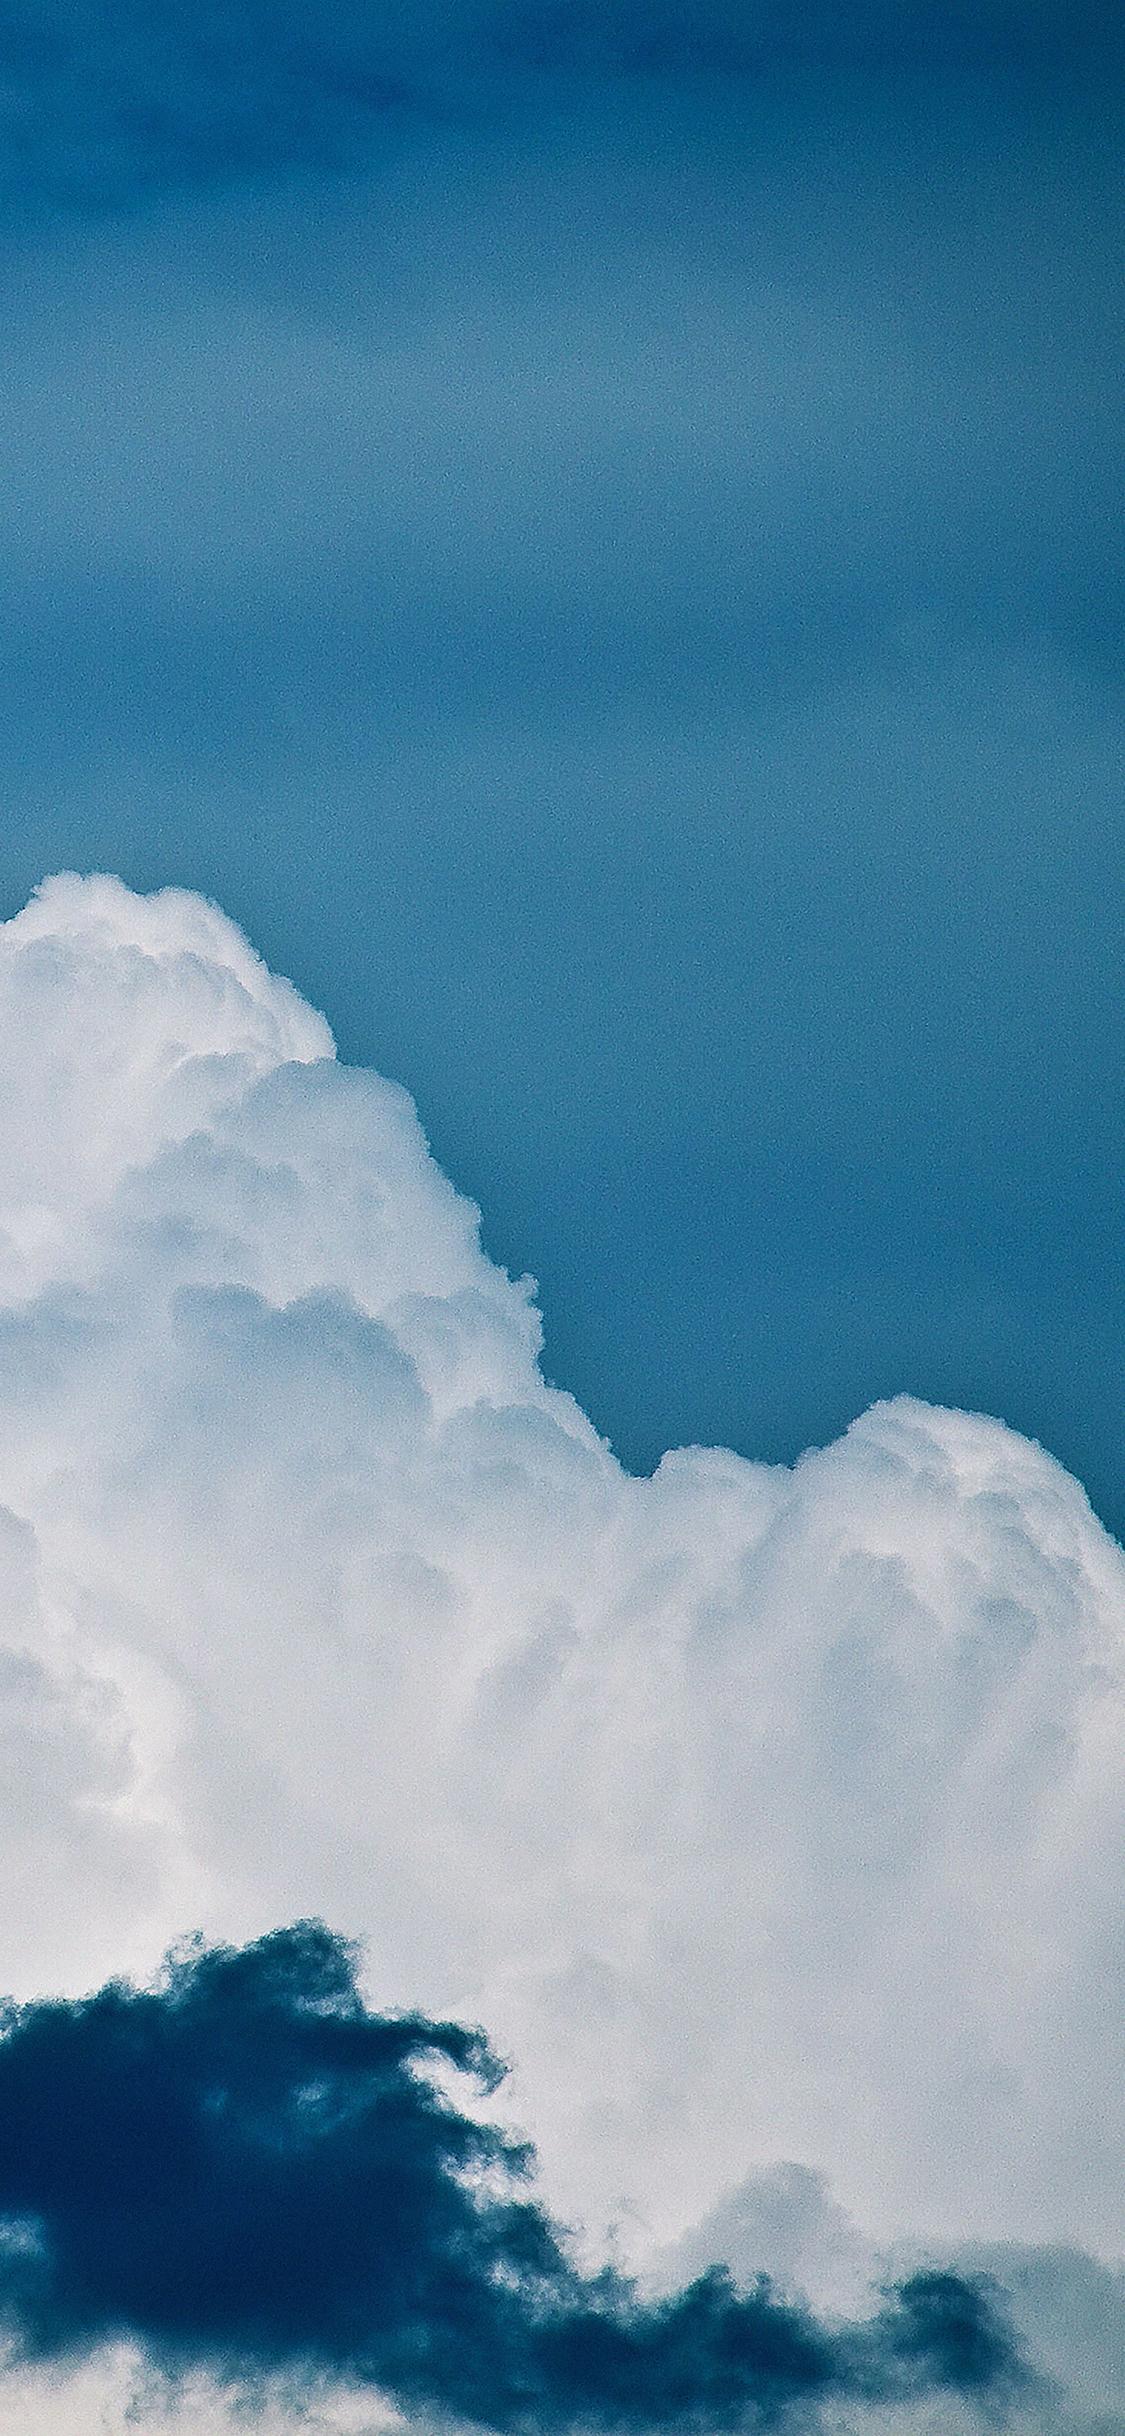 iPhoneXpapers.com-Apple-iPhone-wallpaper-mb94-wallpaper-cloud-above-7-sky